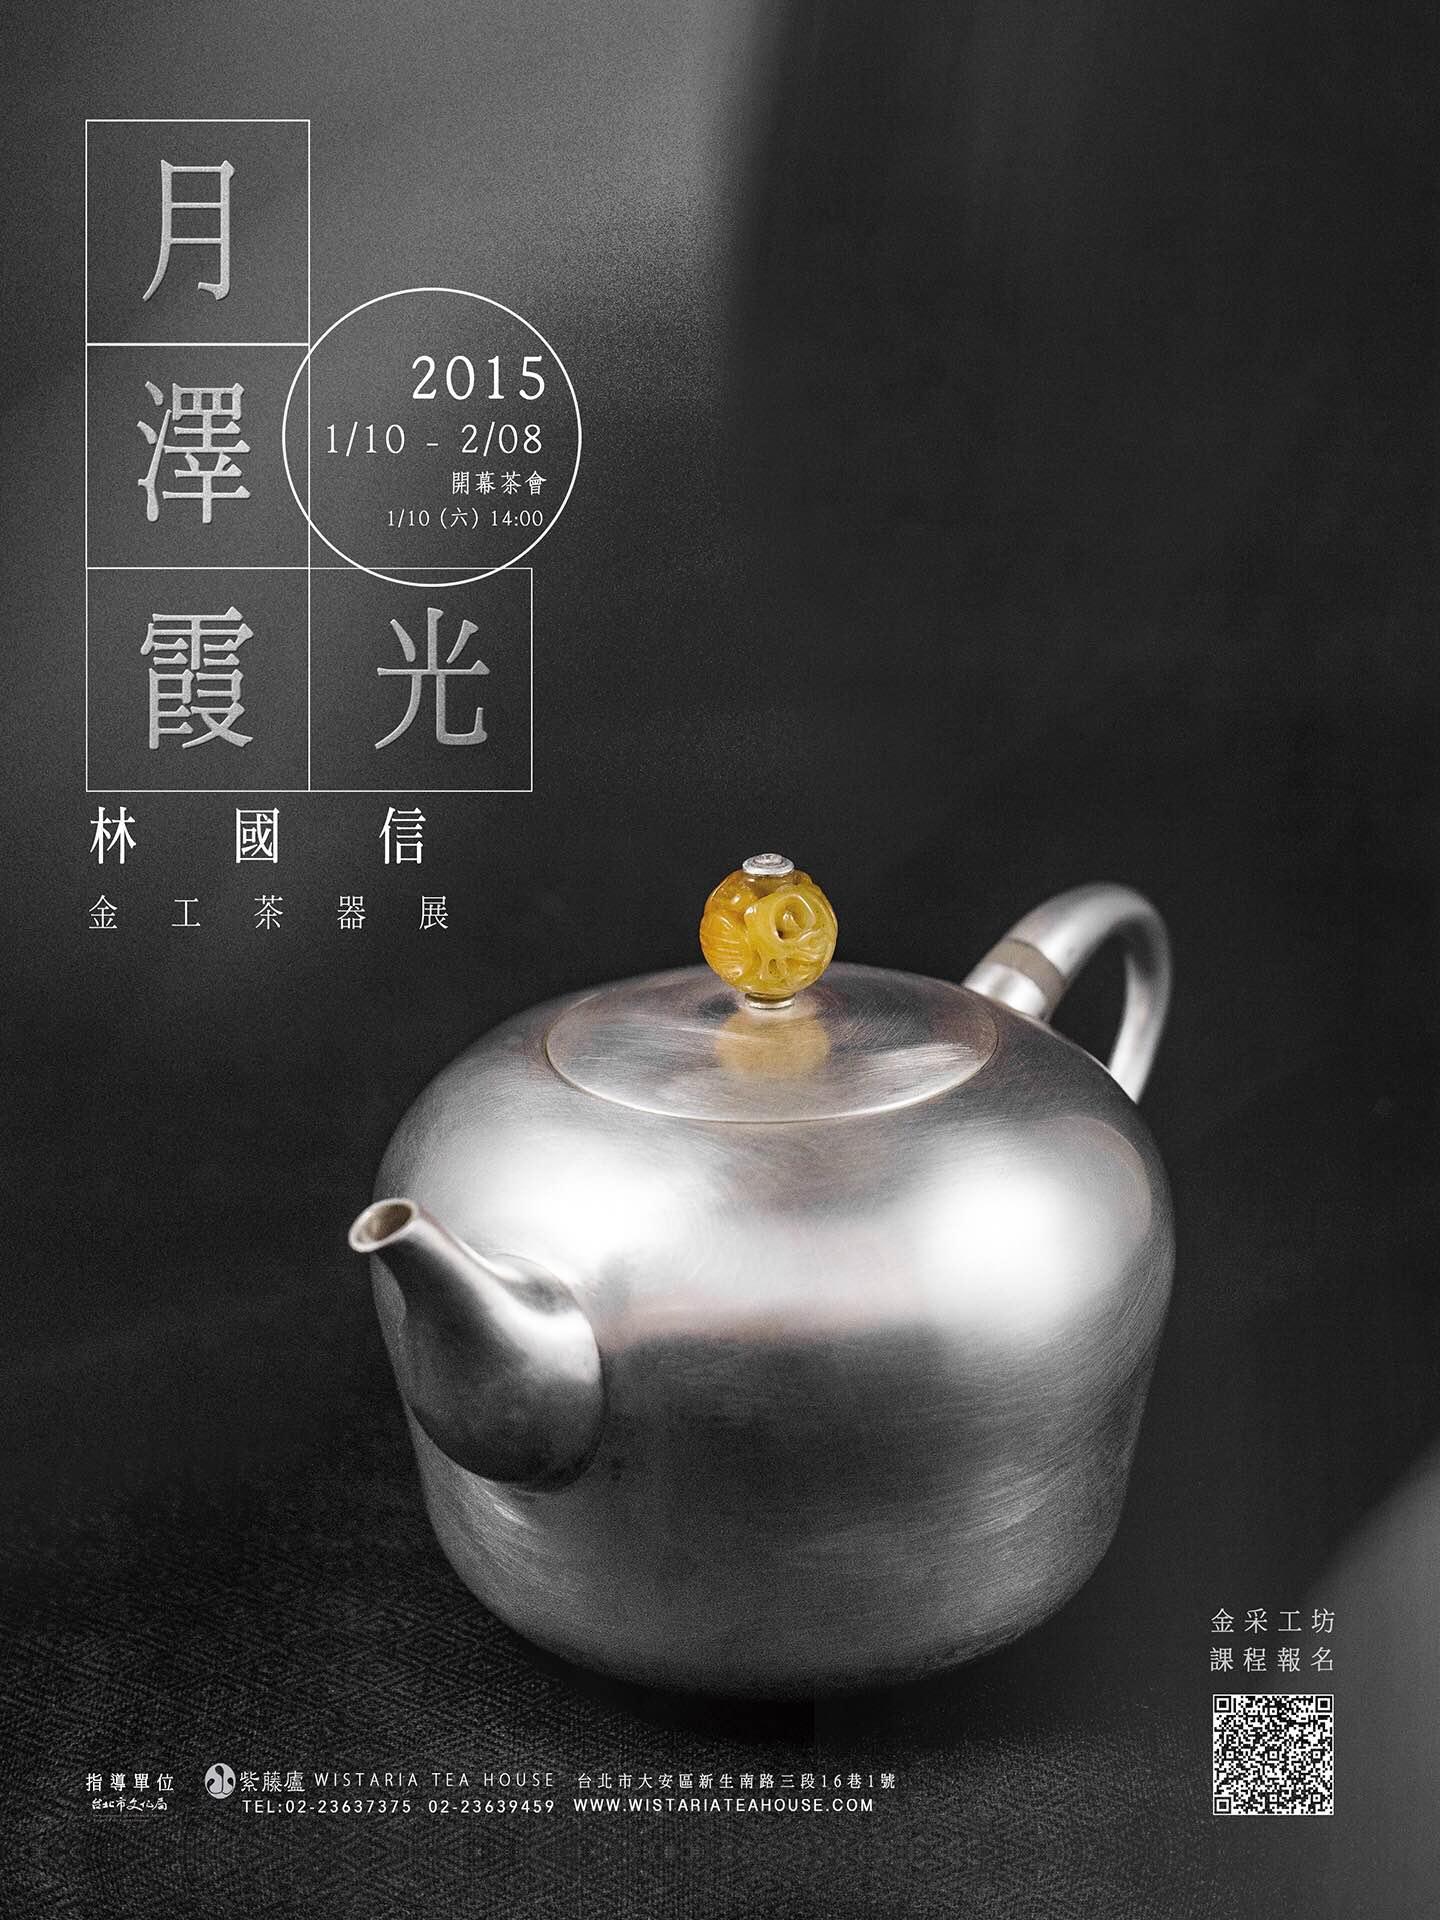 【月澤霞光—林國信金工茶器展】展期至3月1日,歡迎新春蒞臨